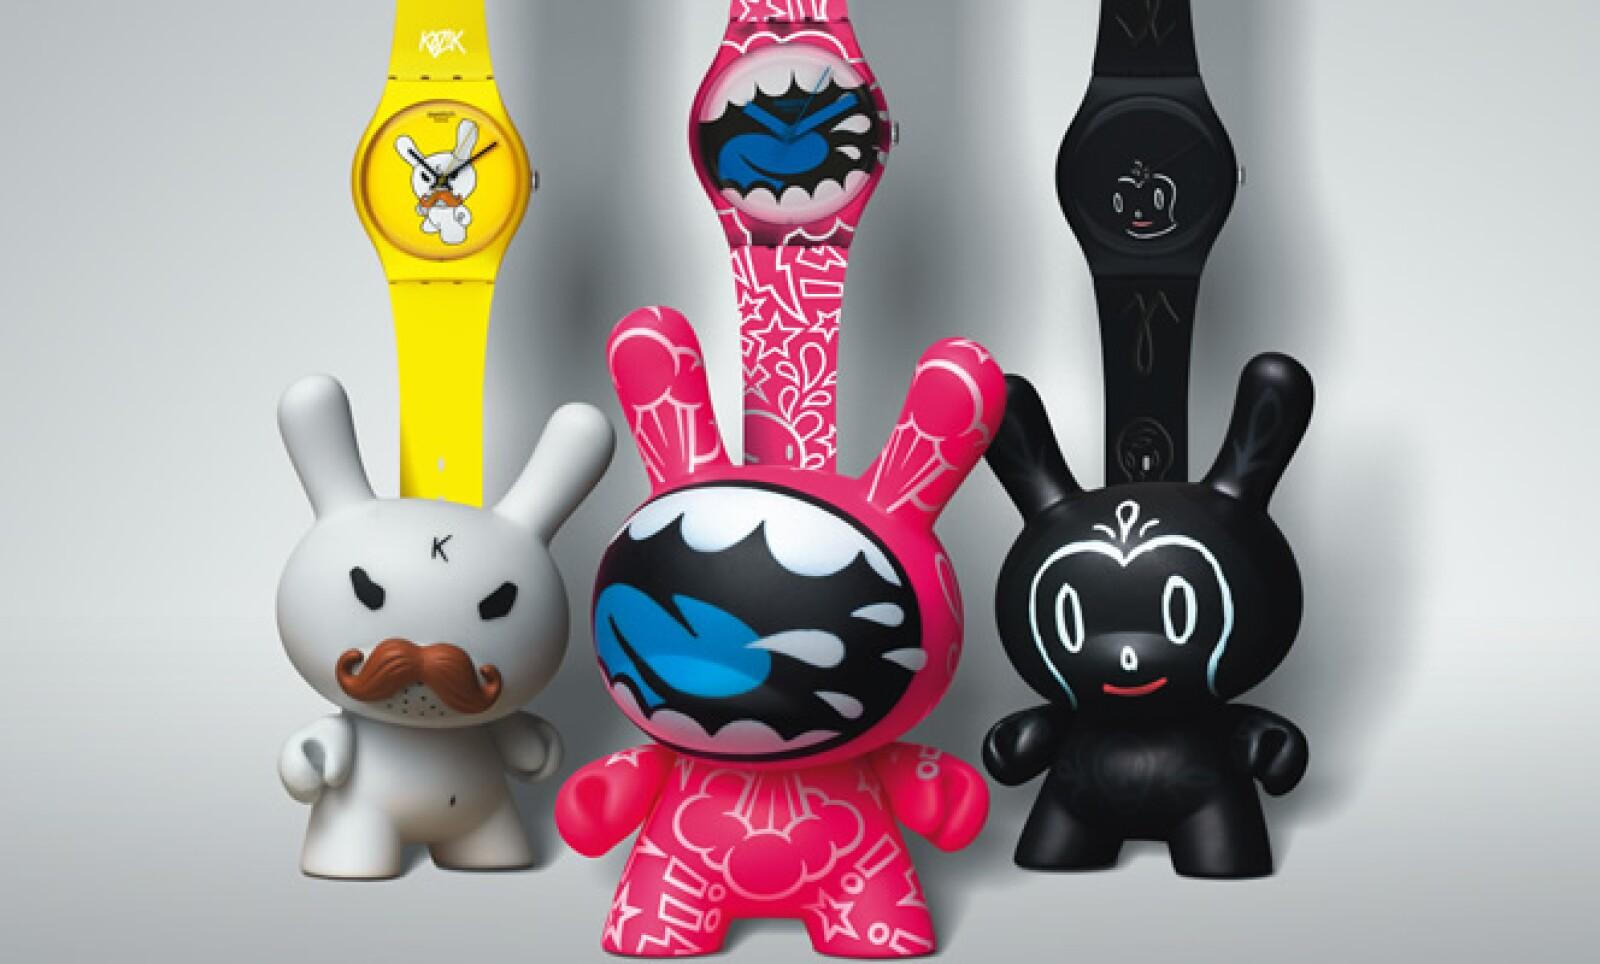 En esta nueva colección han colaborado ocho artistas con un original diseño para el reloj y su respectivo Dunny de 7.6 cm (3 pulgadas).